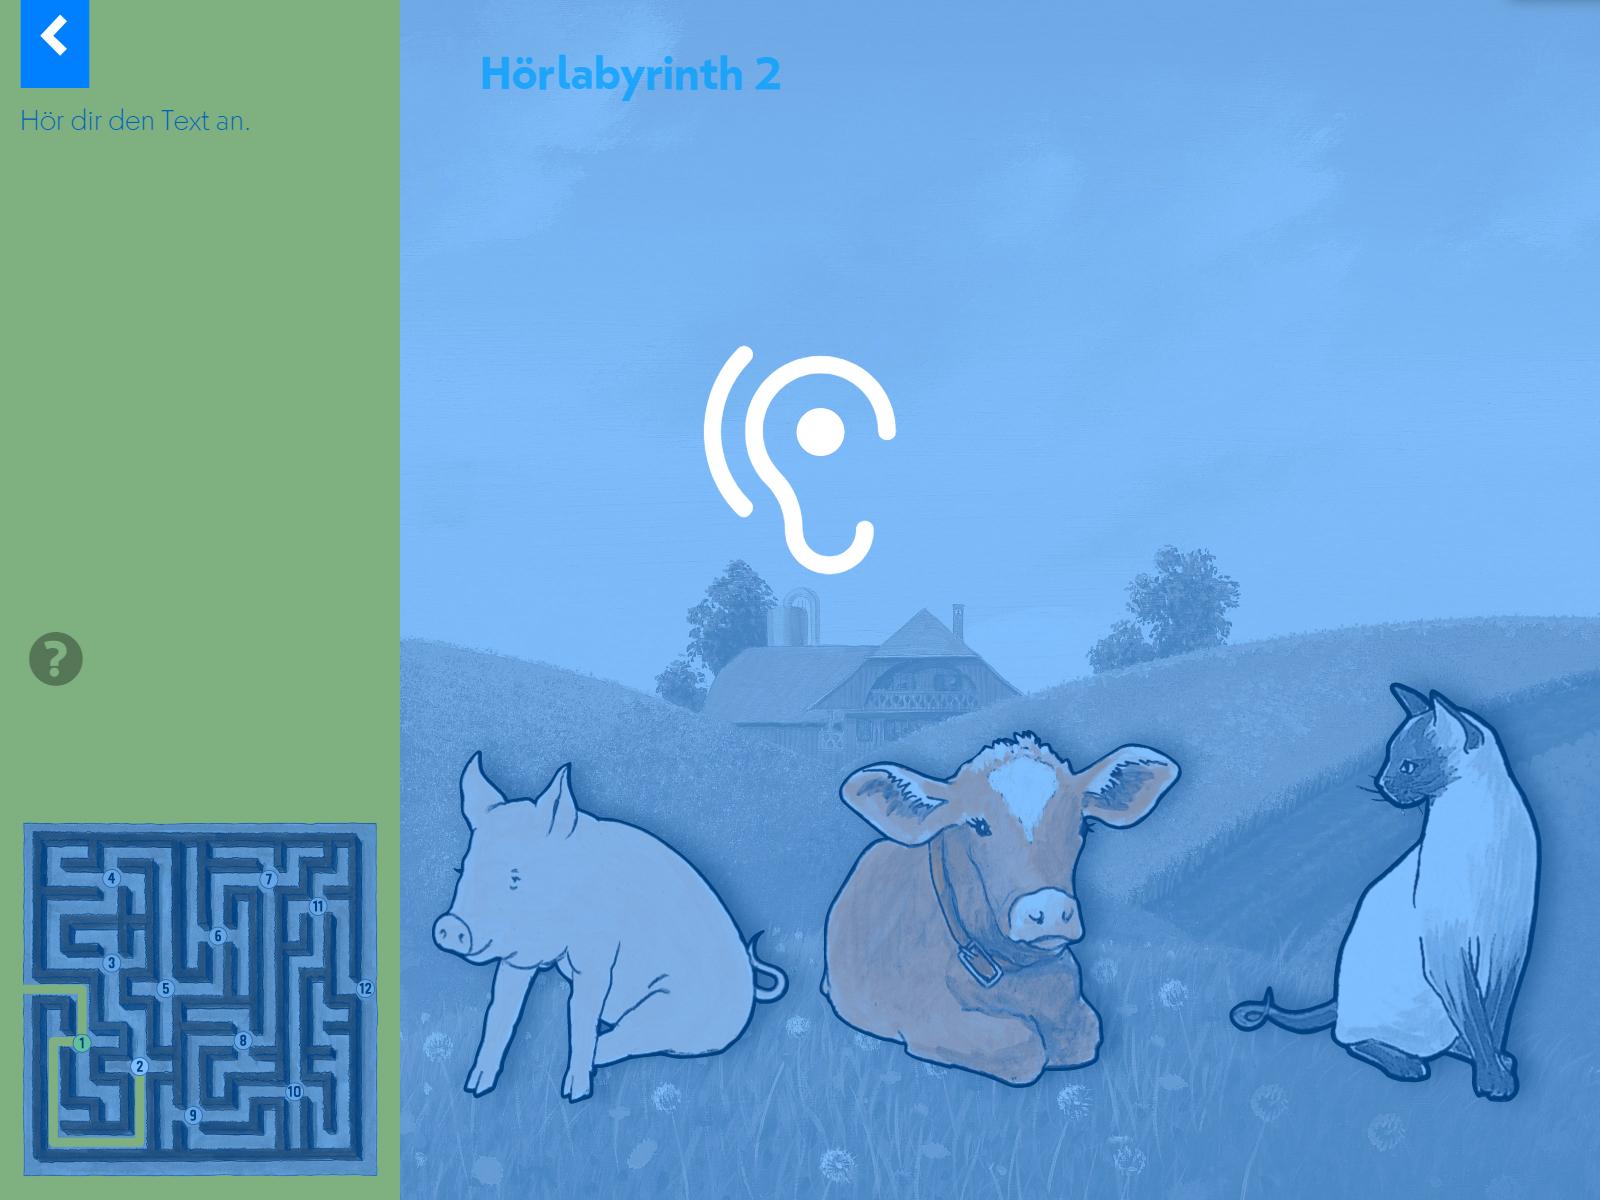 Hörlabyrinth: Tauche in die Geschichte ein und sammle dabei Figuren und Gegenstände